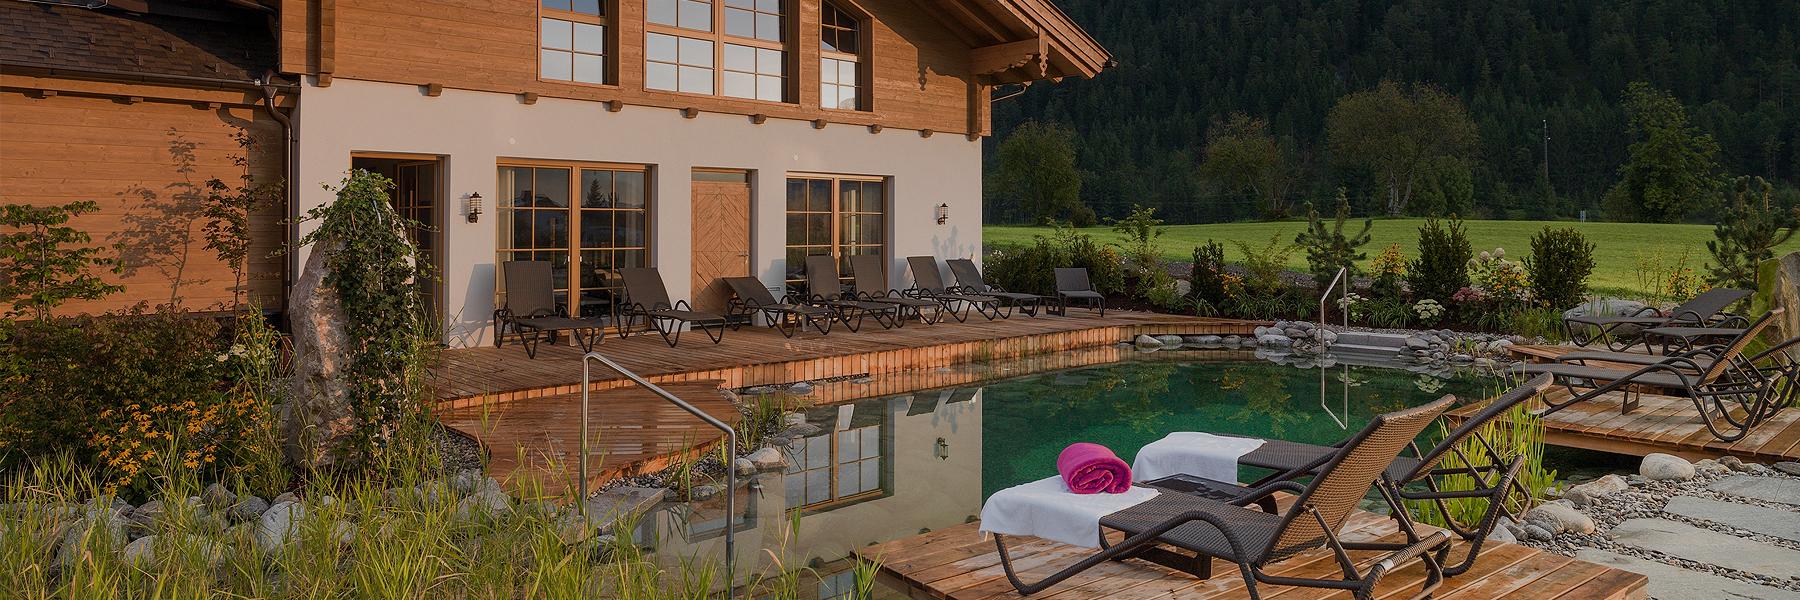 Ruhealm mit Schwimmteich Wellnesshotel Waidringer Hof Tirol in den Kitzbüheler Alpen